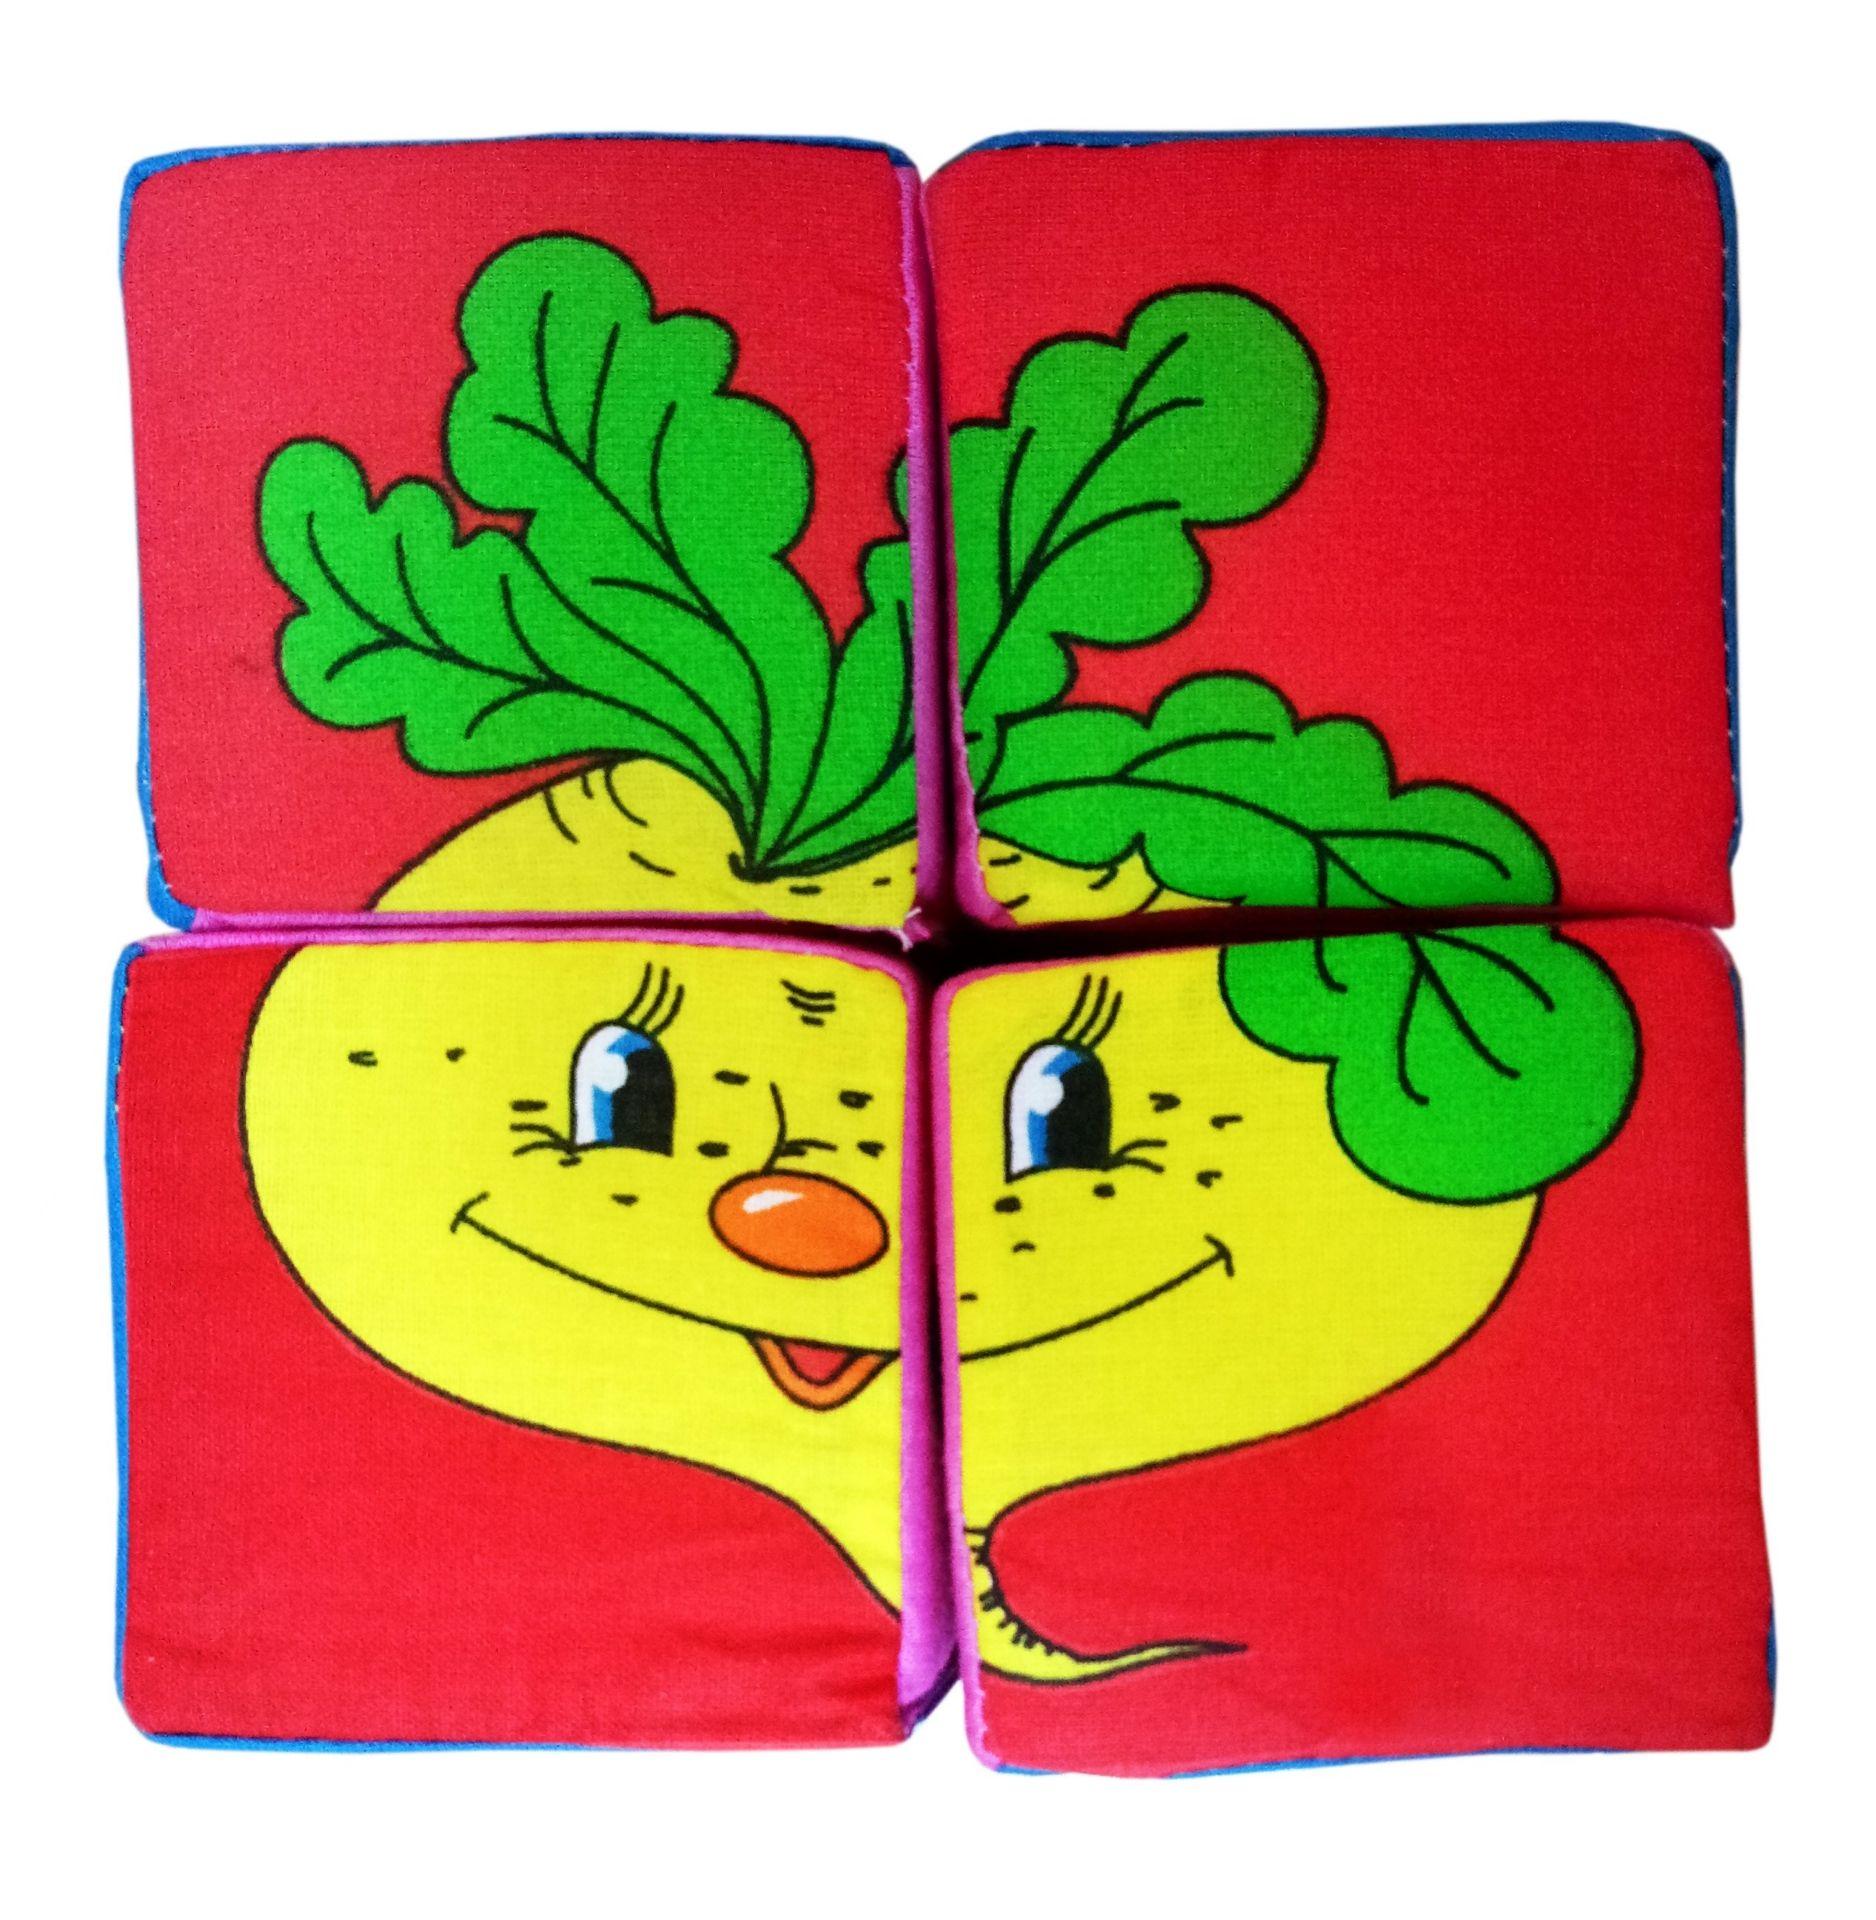 """Купить со скидкой Набор кубиков """"Репка"""": 4 кубика (8х8х8 см)"""